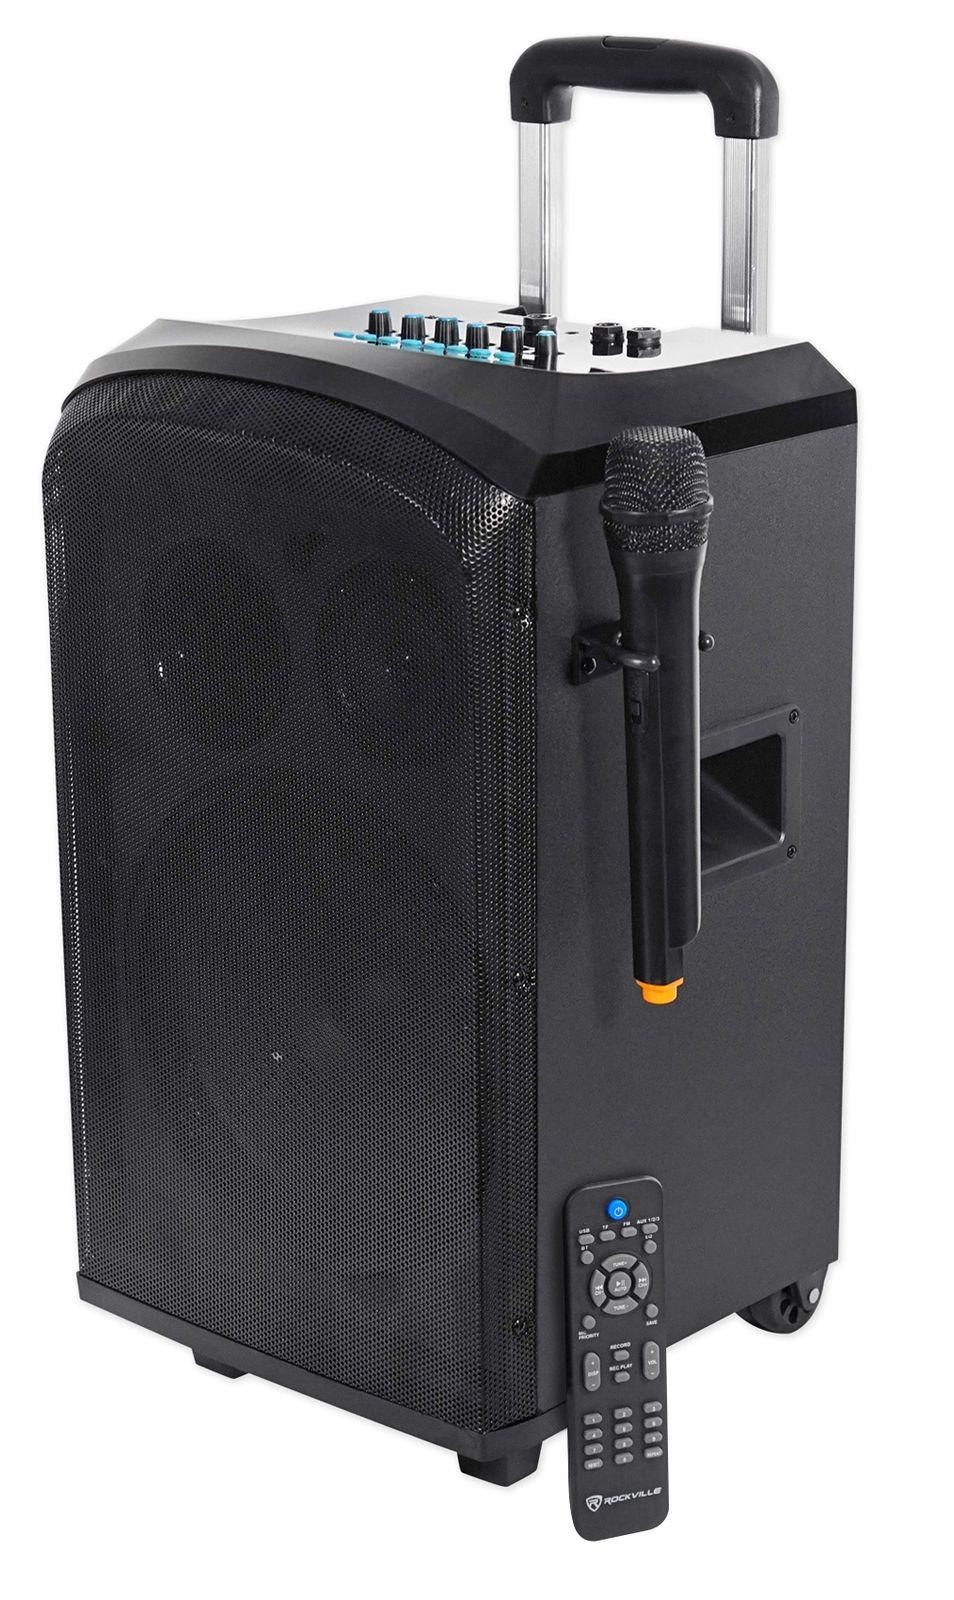 Rockville Rockngo 10 Powered Rechargable Pa Speaker W Bluetooth Wireless Mic Huge Power 2 Mic In Xl Mini Wireless Speaker Wireless Speakers Pa Speakers